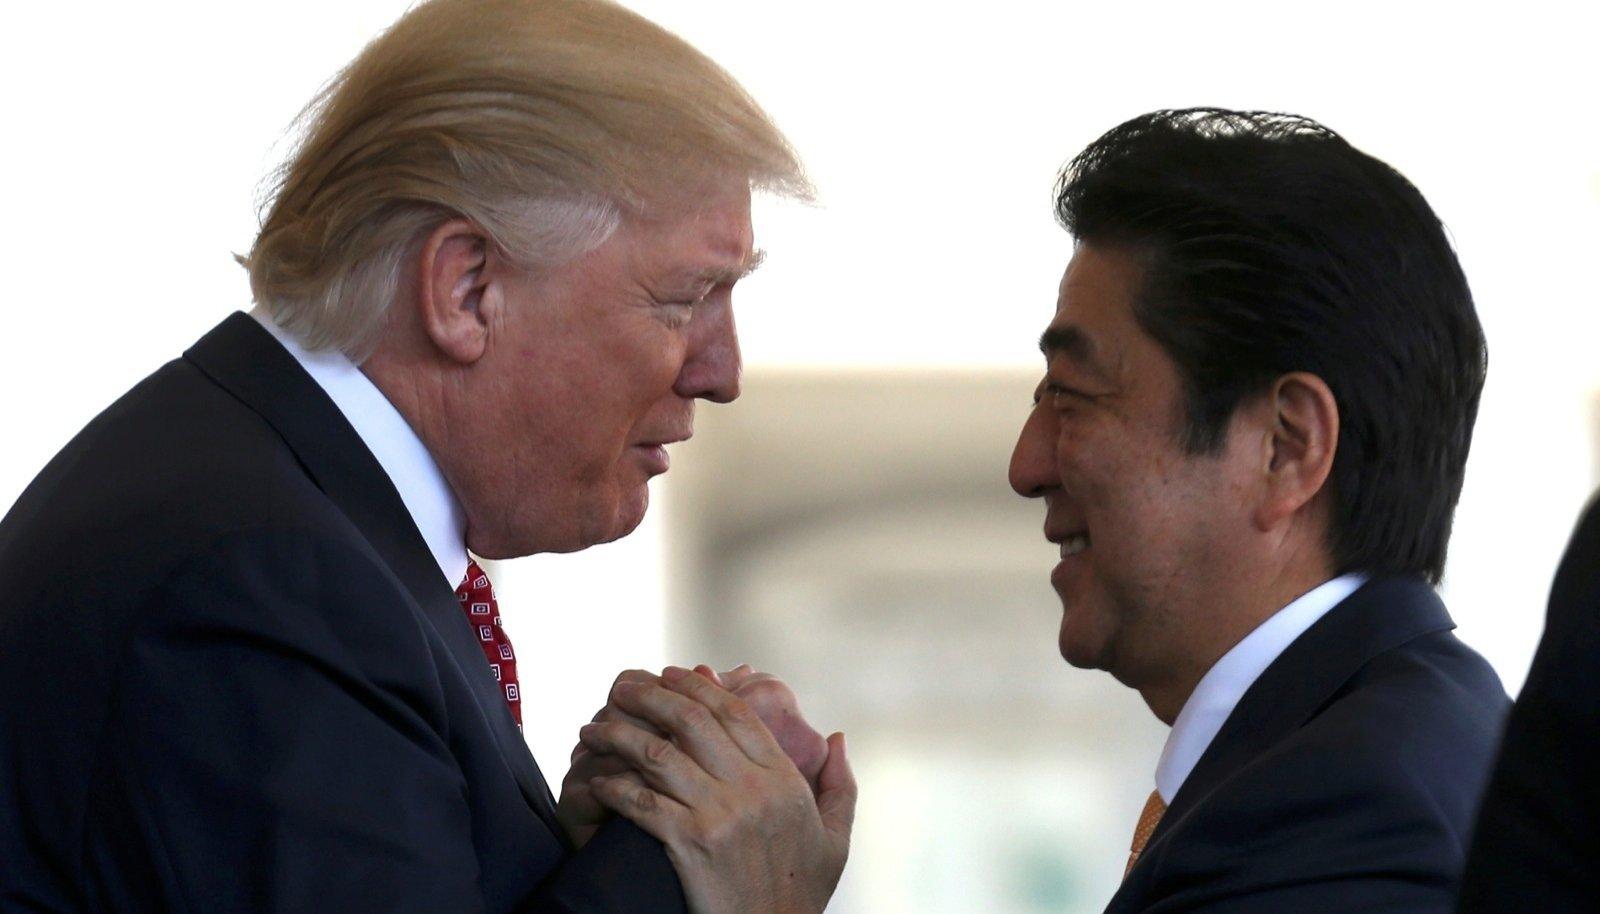 USA president Donald Trump ja Jaapani peaminister Shinzo Abe saavad hästi läbi. Riigijuhte ei ühenda ainult armastus golfi vastu, vaid ka sarnased vaated maailma asjadele.